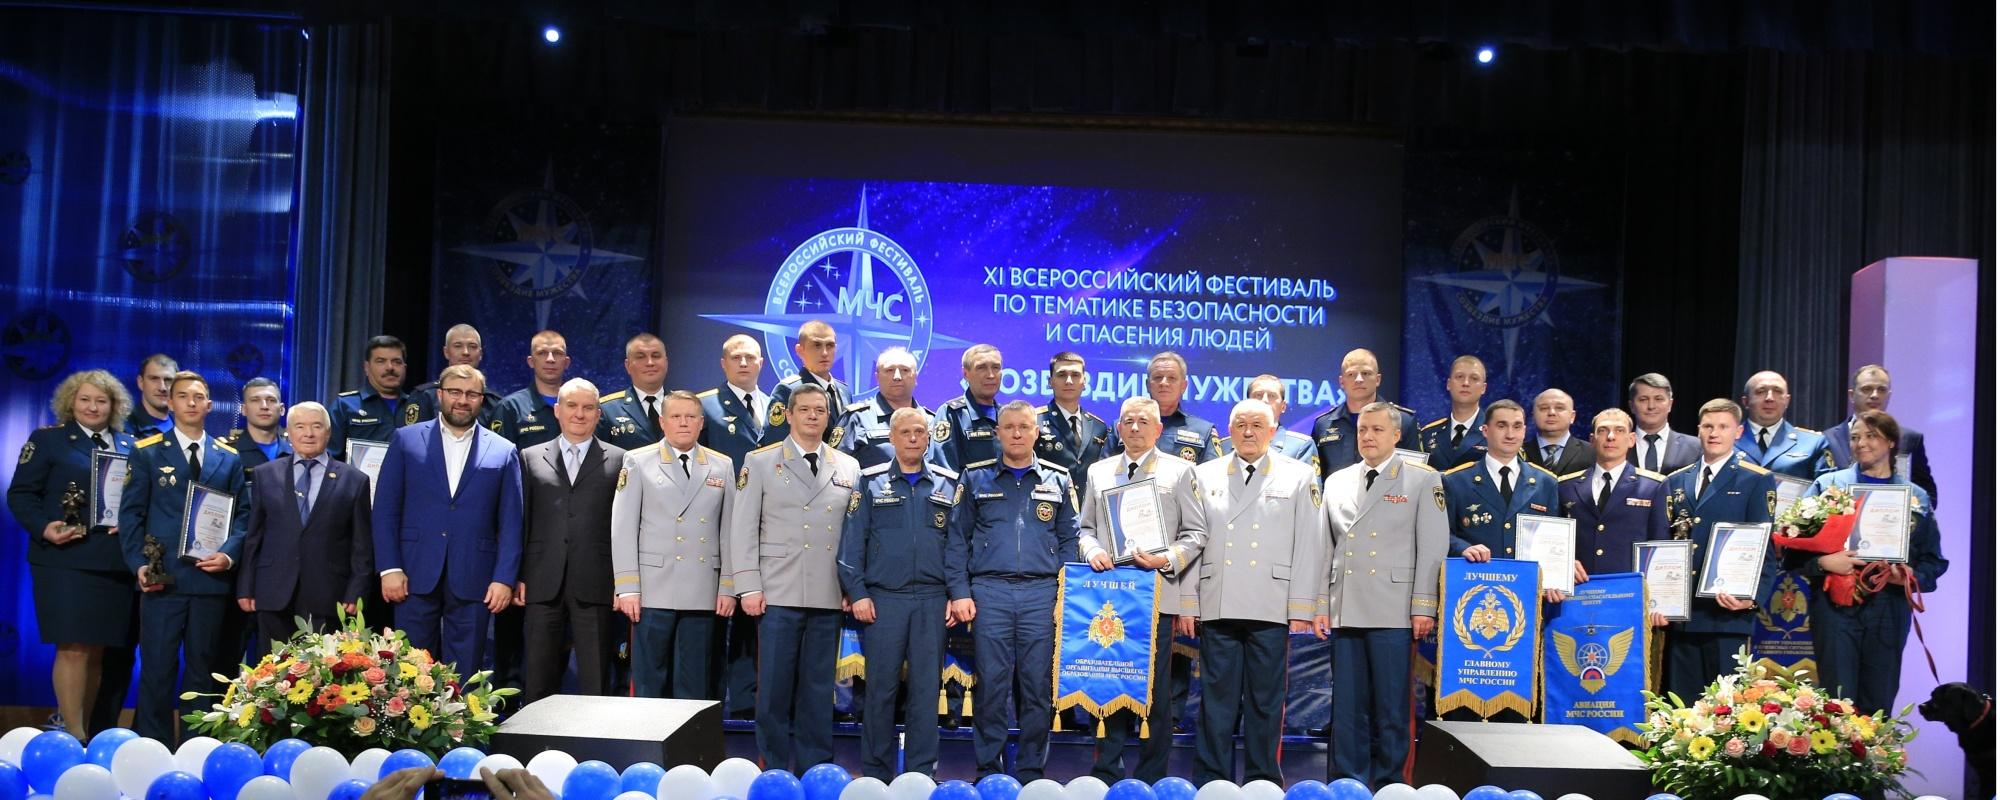 Пореченков и Мельник в первом ряду, 4 и 5 слева